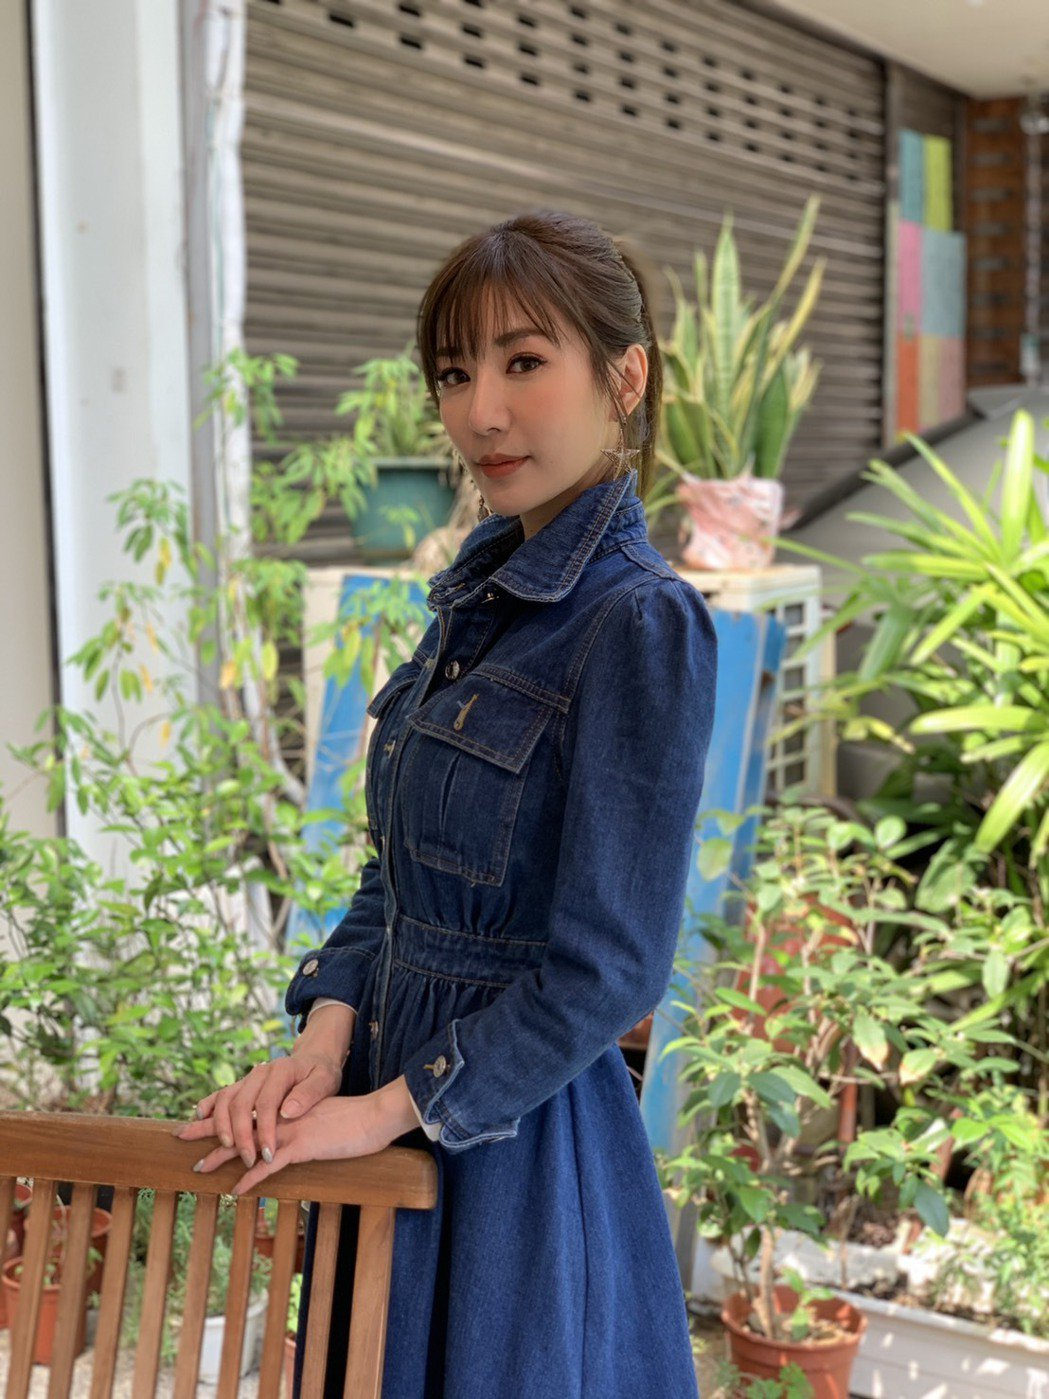 羅巧倫外表美豔,保養得宜。記者陳慧貞/攝影